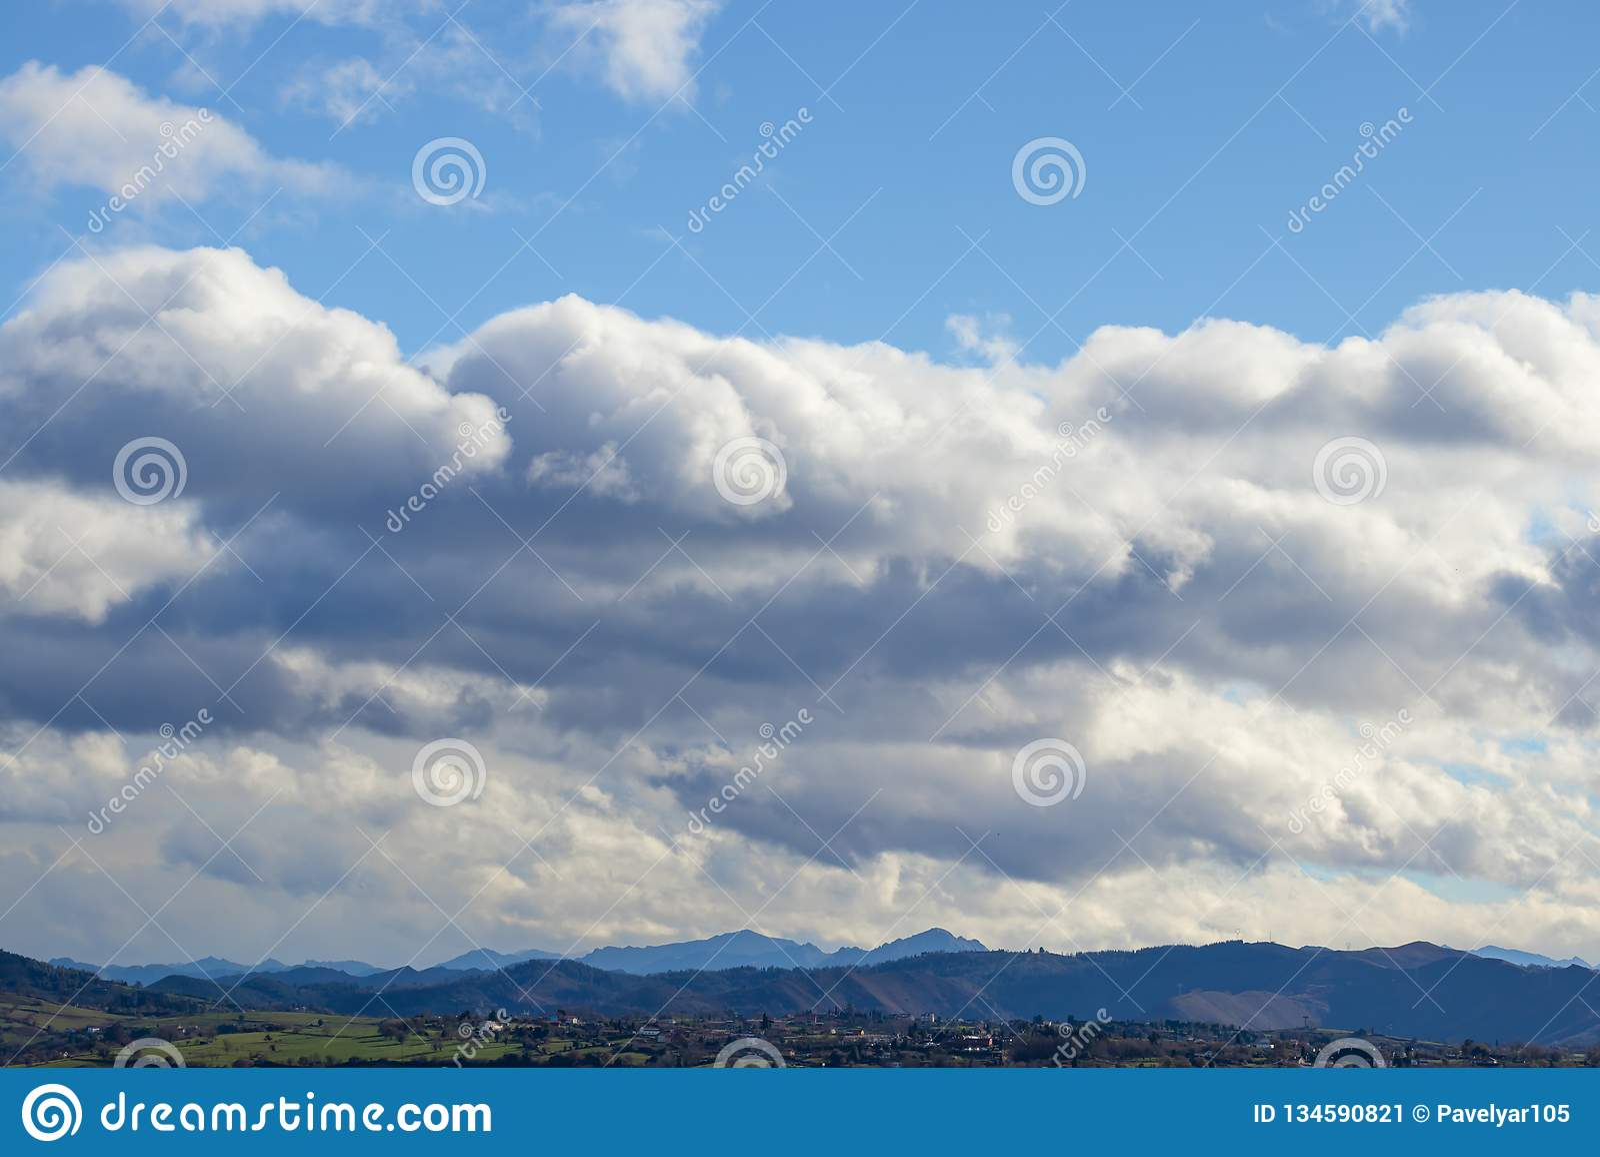 Pasmo górskie w jasnej pogodzie w kontrastować podeszczowe chmury przed deszczem